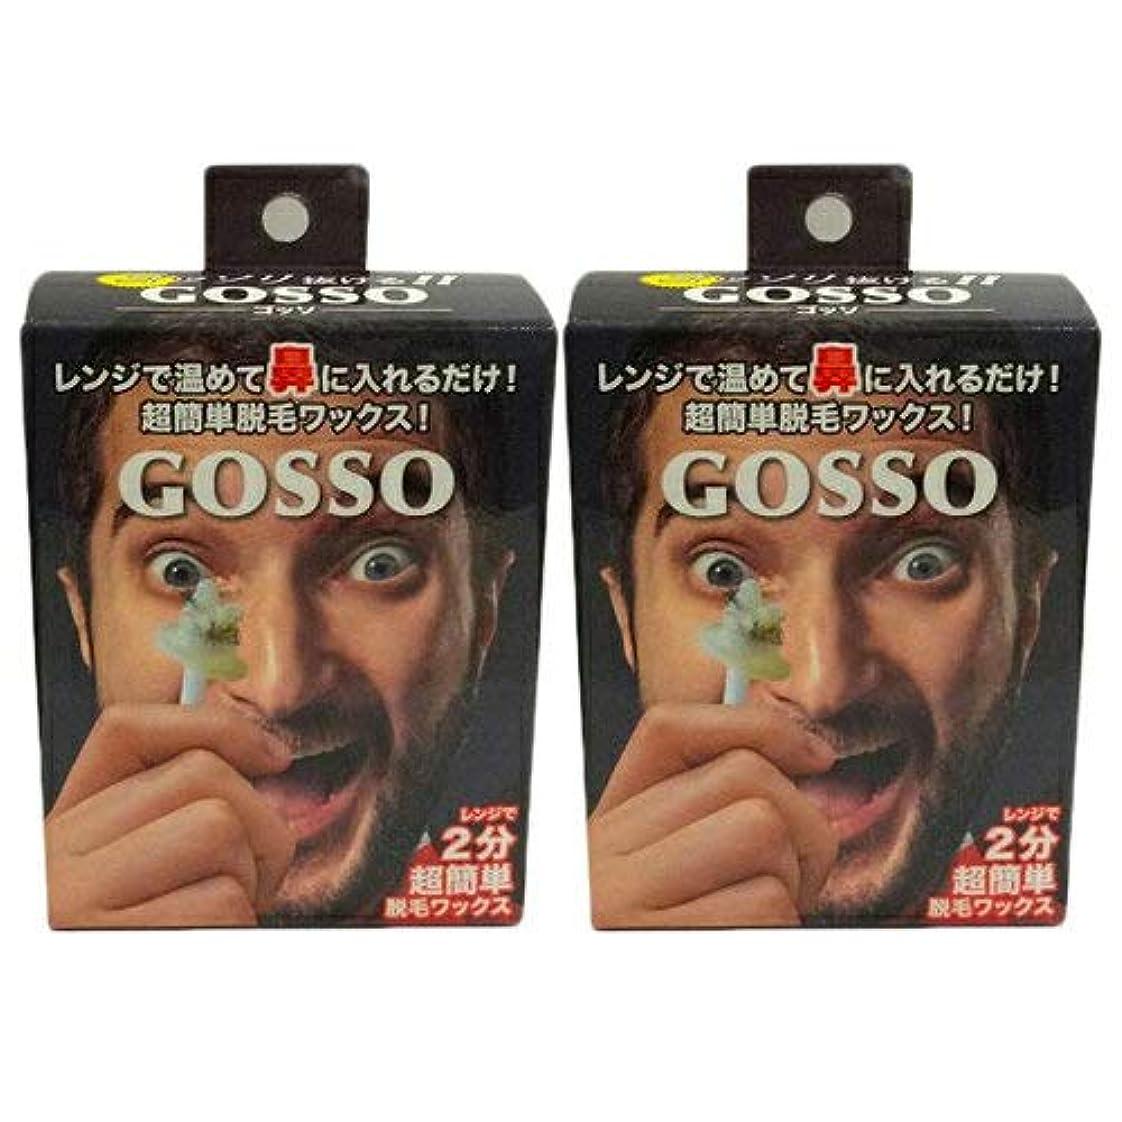 商品スタック暴露するGOSSO  2箱セット